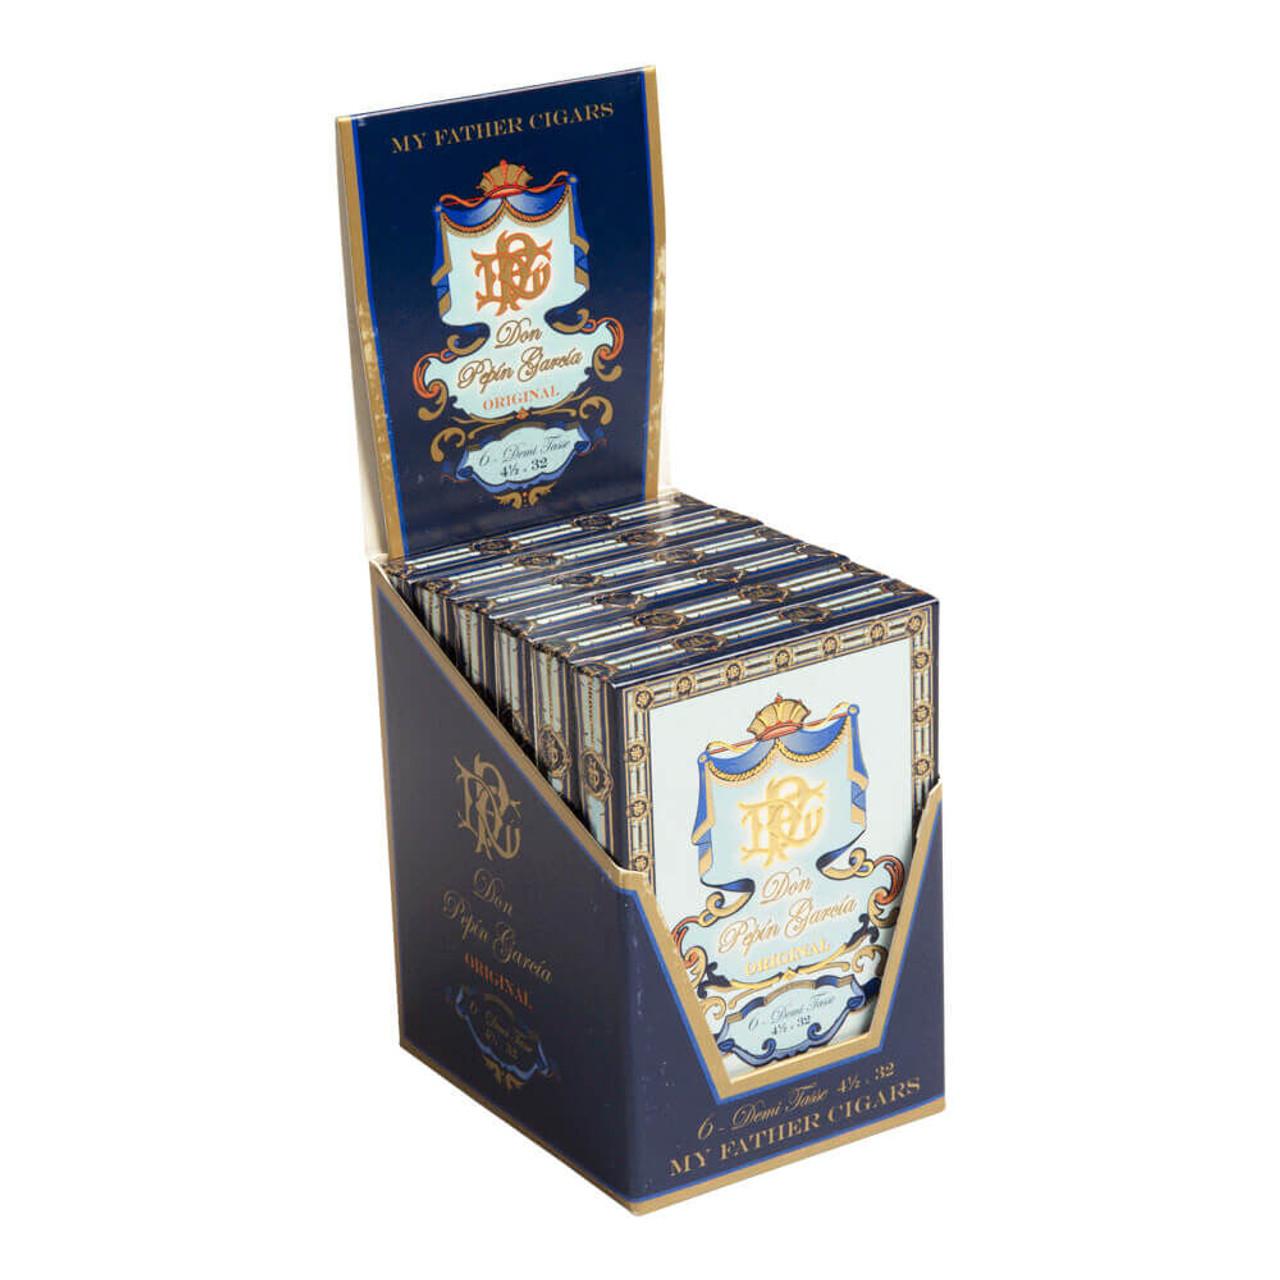 Don Pepin Garcia Blue Demitasse Cigars - 4.5 x 32 (6 Packs of 6)